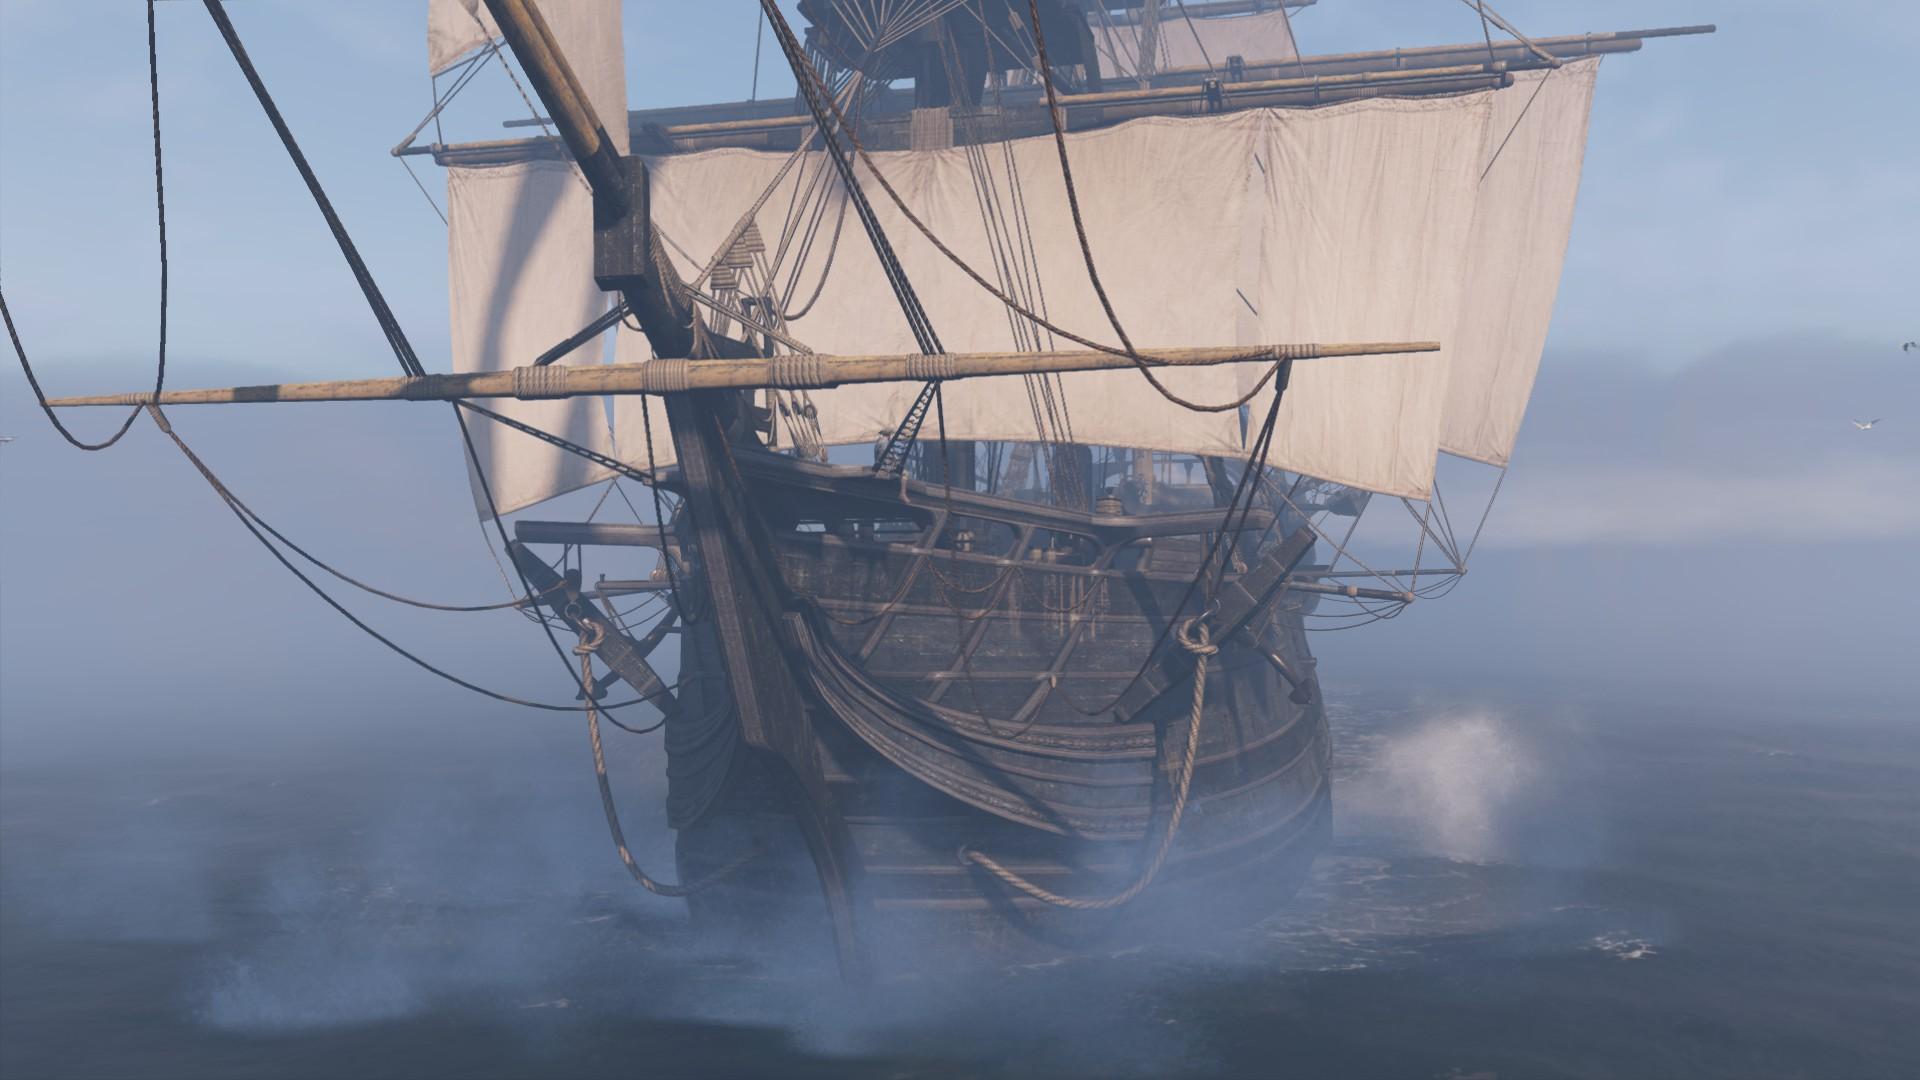 20190328042945_1.jpg - Assassin's Creed 3